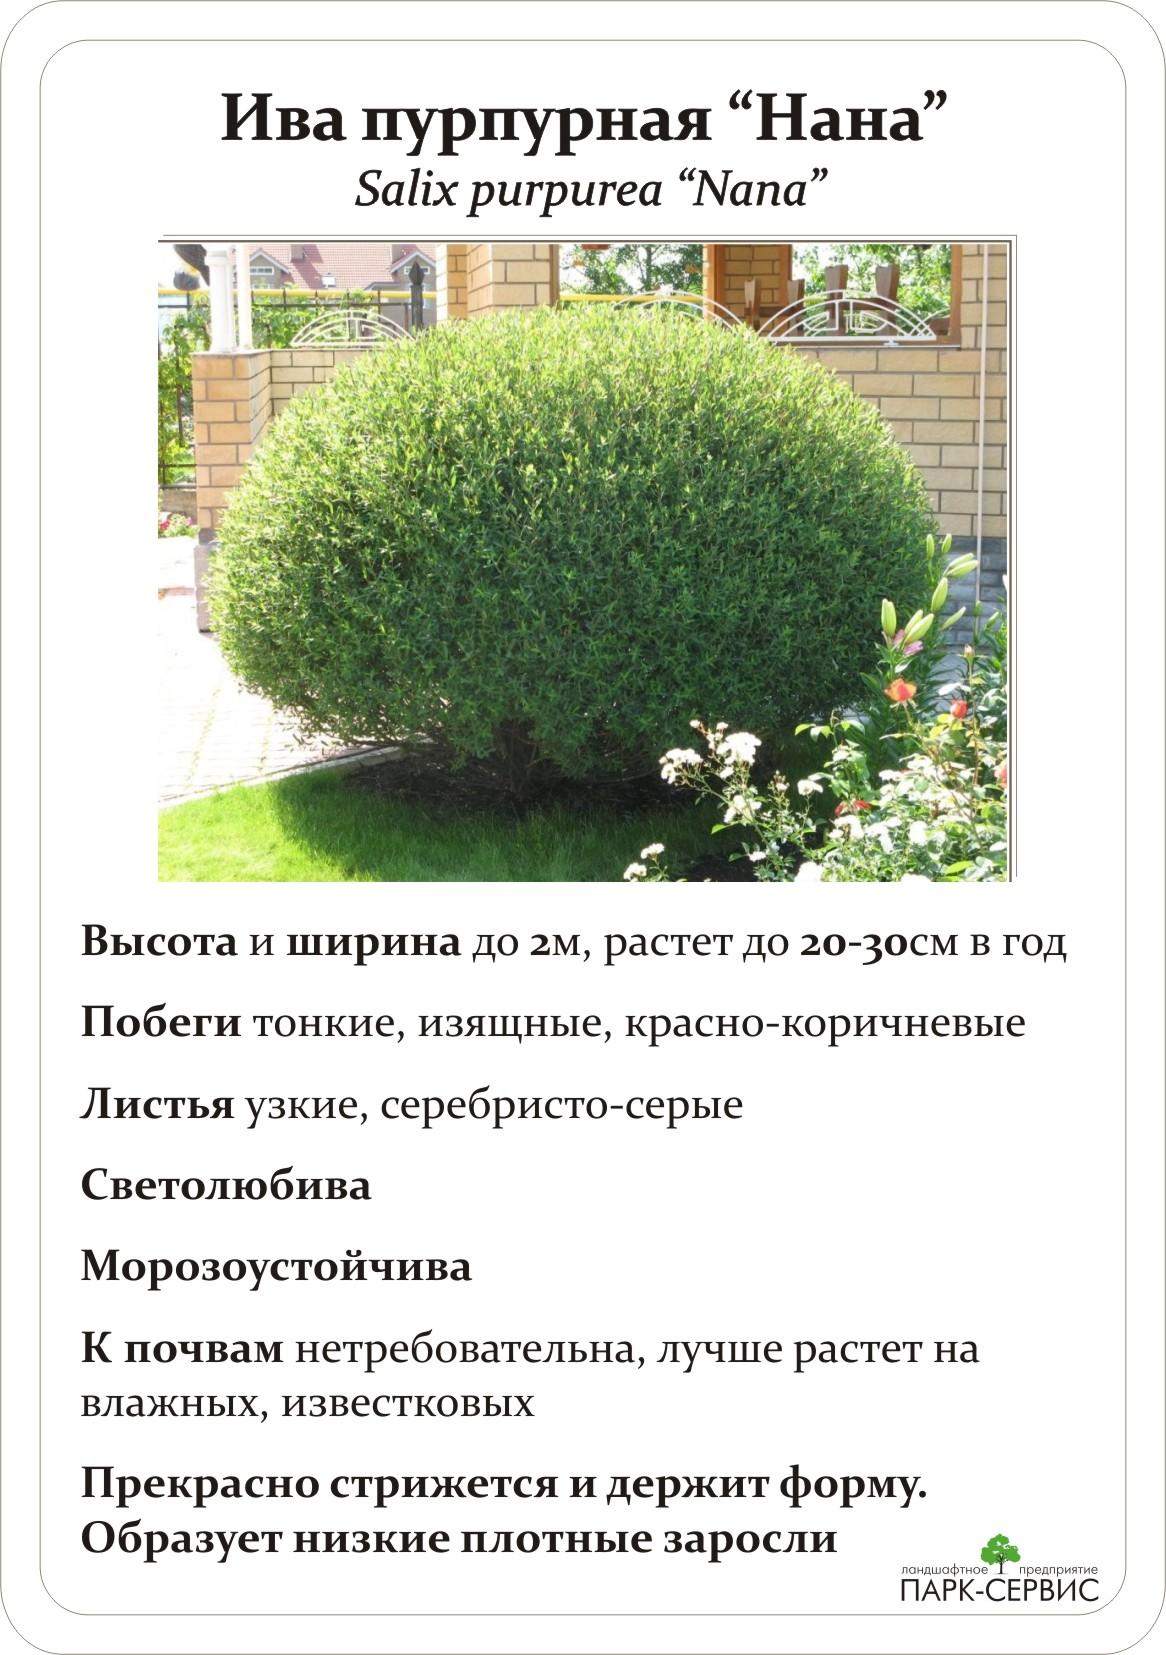 Ива ползучая в дизайне сада